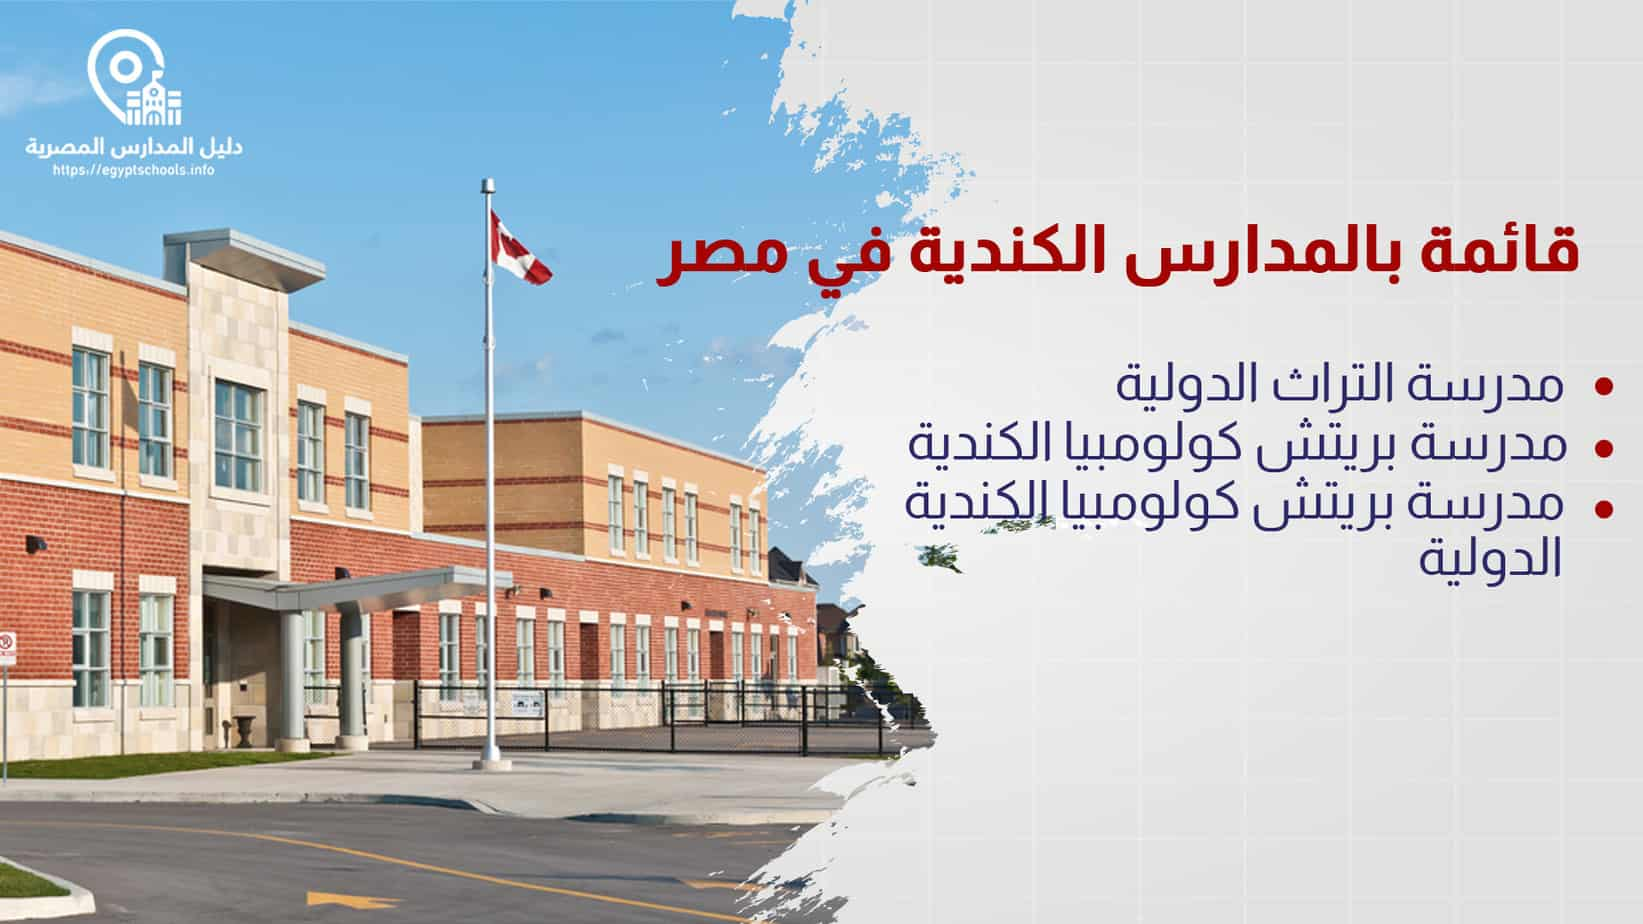 قائمة بالمدارس الكندية في مصر